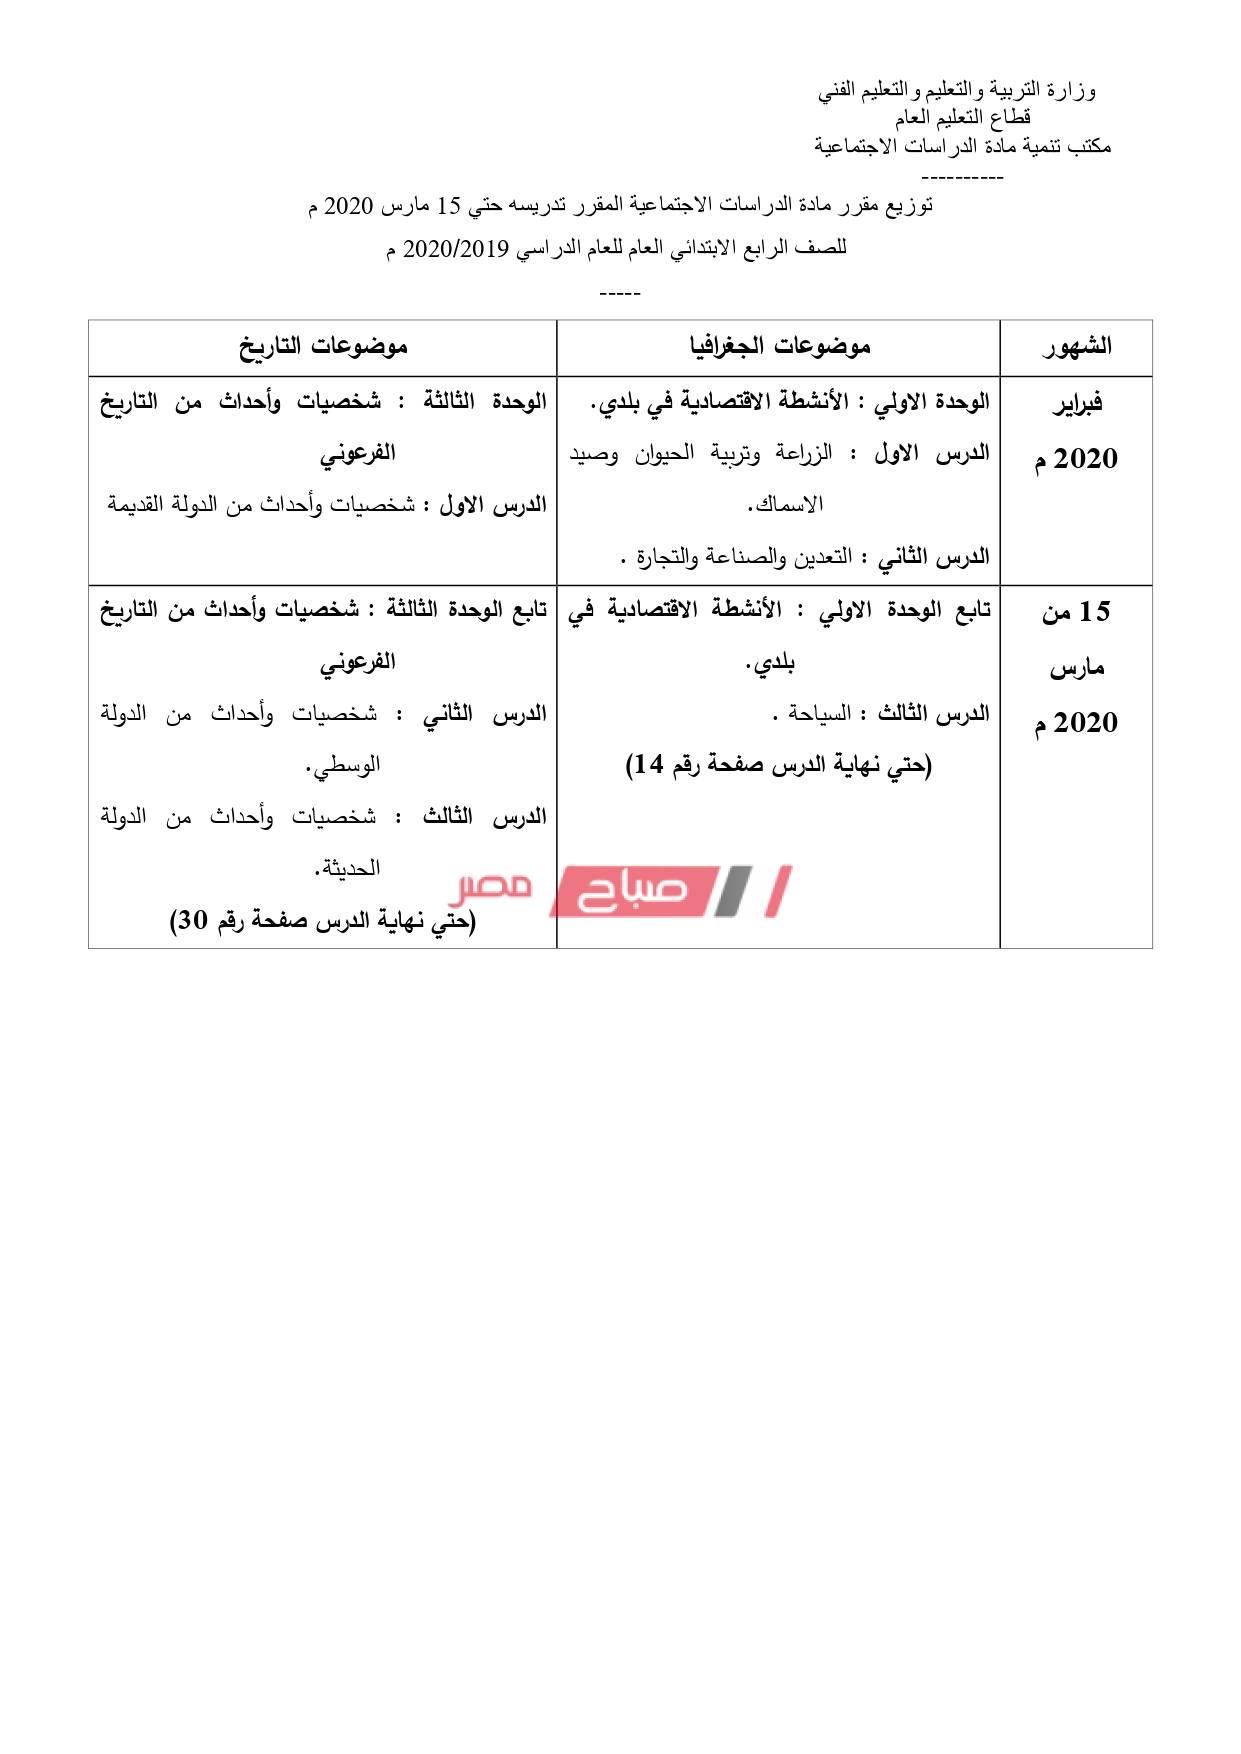 منهج الدراسات الاجتماعية المقرر على المرحلة الابتدائية حتى 15 مارس